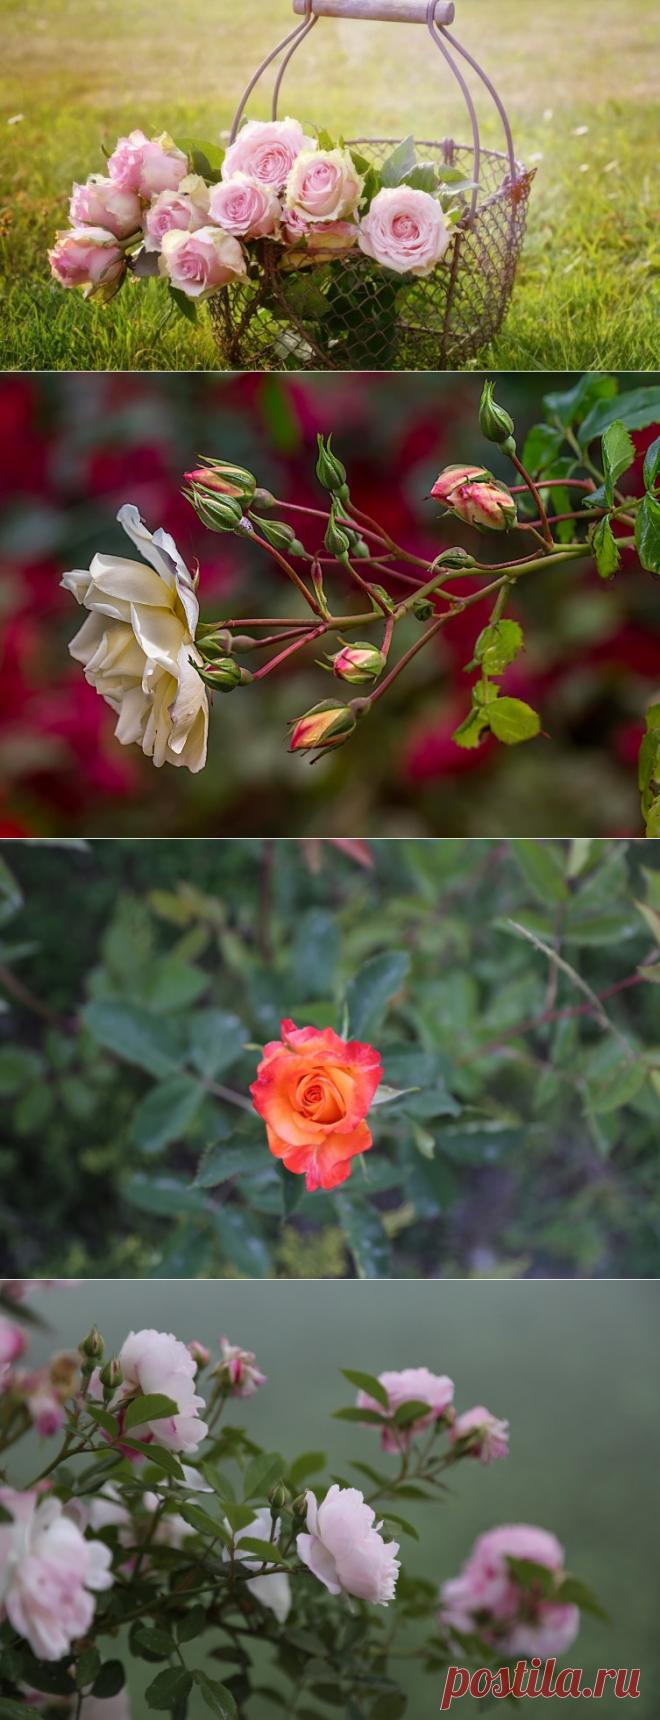 Какие цветы посадить на даче? Розы | Растения